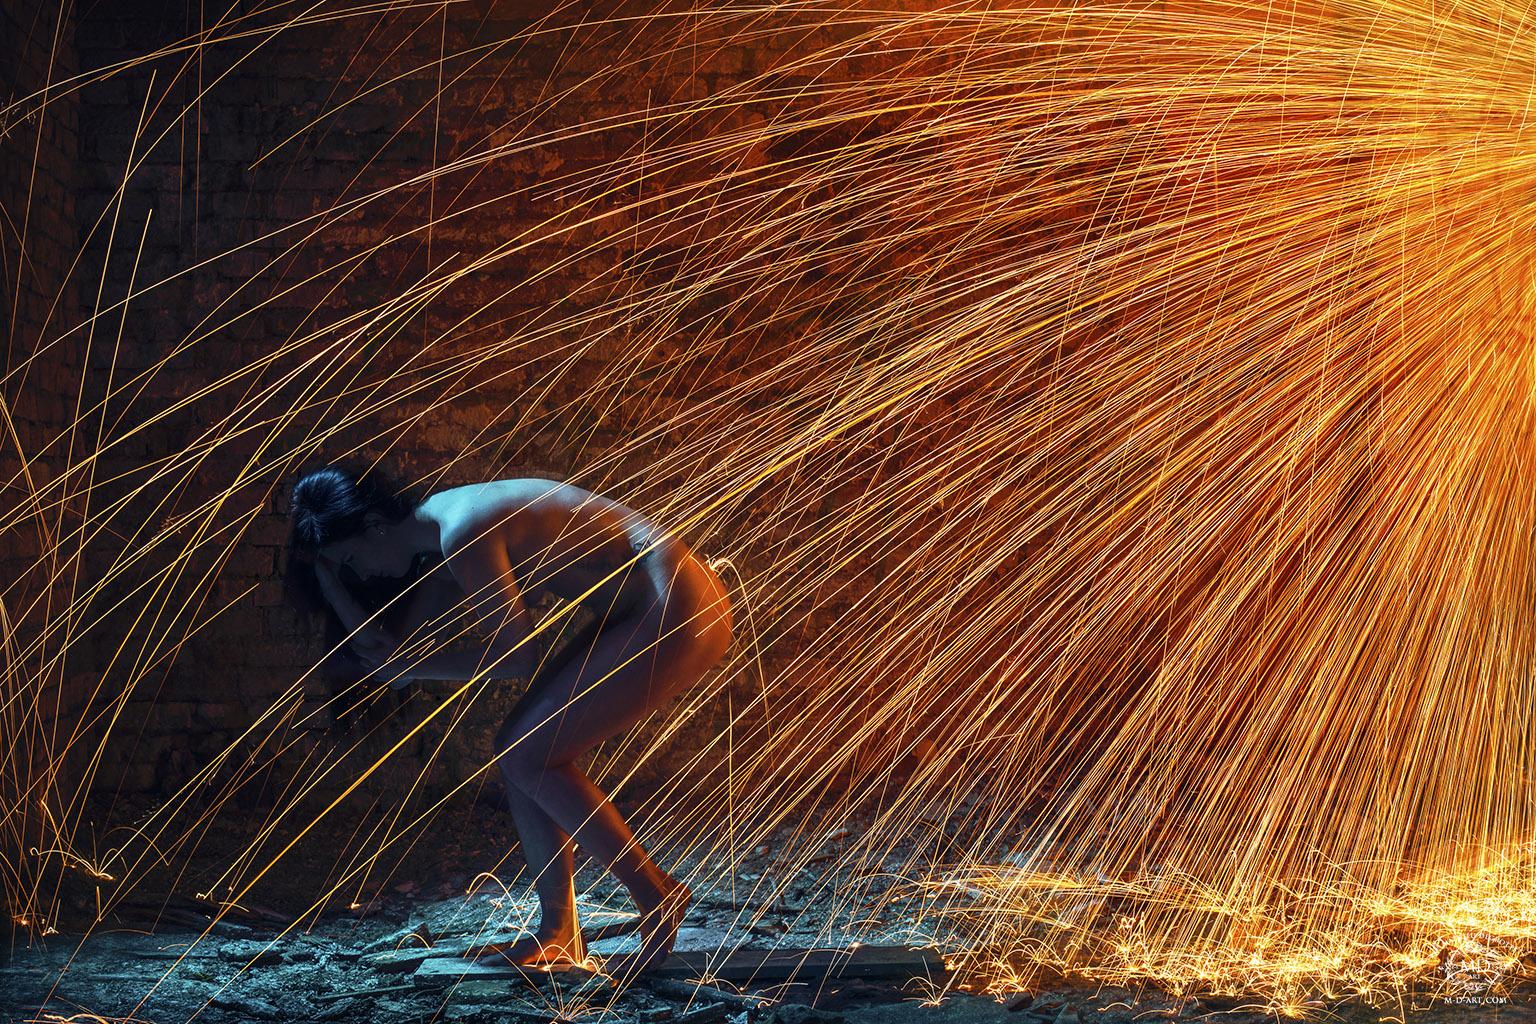 Feu primordial v ognju